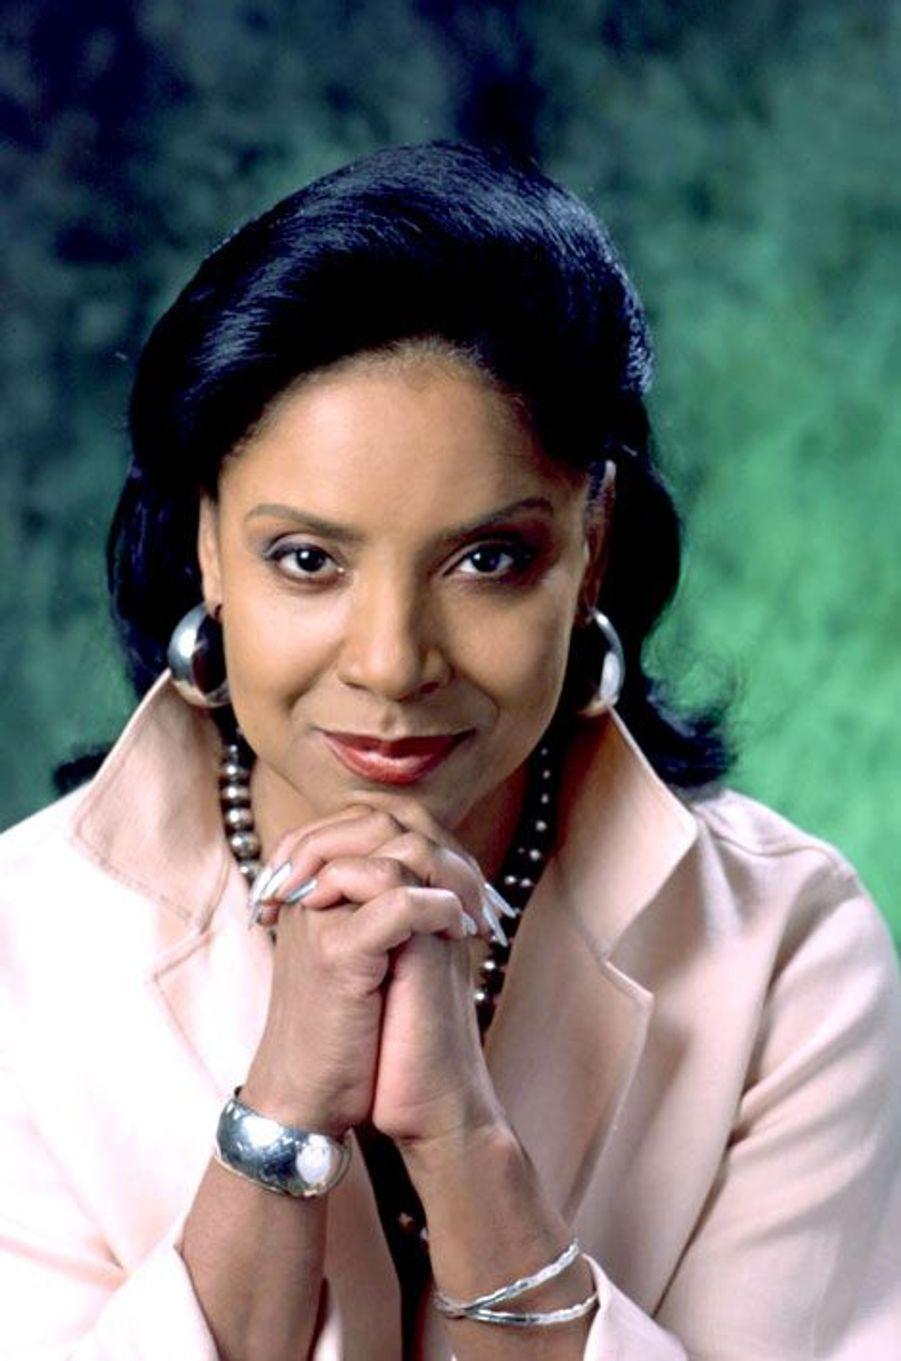 Après l'arrêt du «Cosby Show», l'actrice a fait plusieurs apparitions dans «Psych», «Do No Harm» ou encore «The Cleveland Show». Elle a surtout poursuivi sa carrière au théâtre en tant que comédienne et metteur en scène. Elle a été mariée à Victor Willis, l'un des chanteurs du groupe Village People